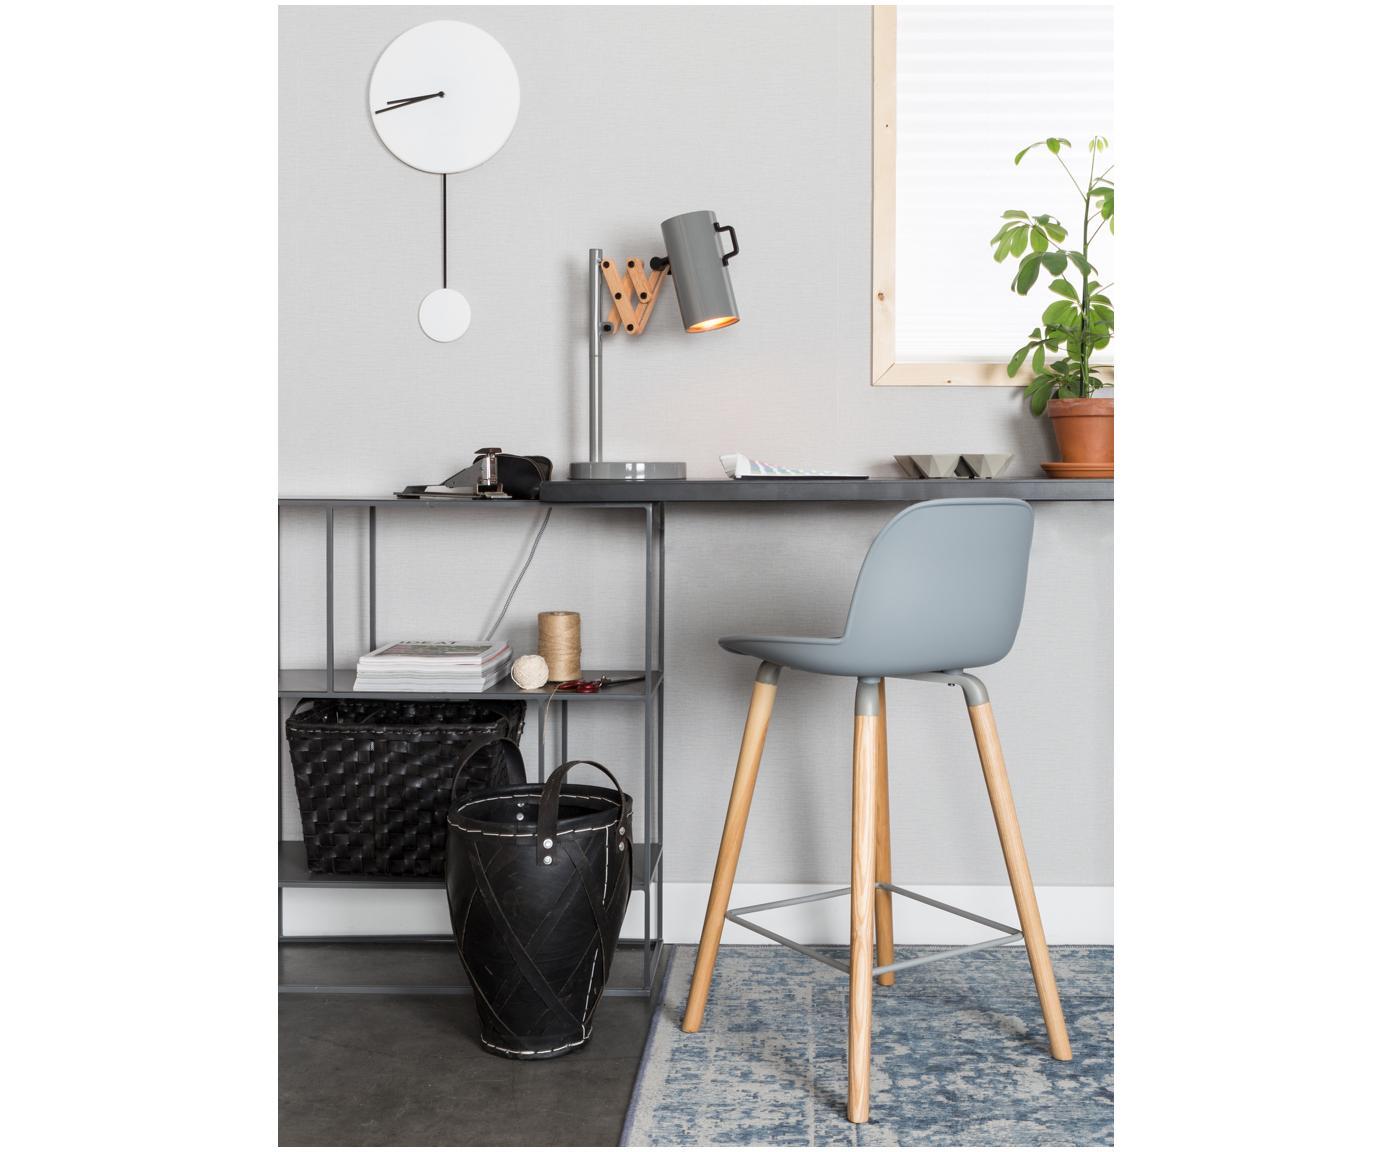 Design Barstuhl Albert Kuip, Beine: Eschenholz, Rahmen: Aluminium, Sitz: Hellgrau Beine: Esche Rahmen und Fußstütze: Grau, 45 x 89 cm